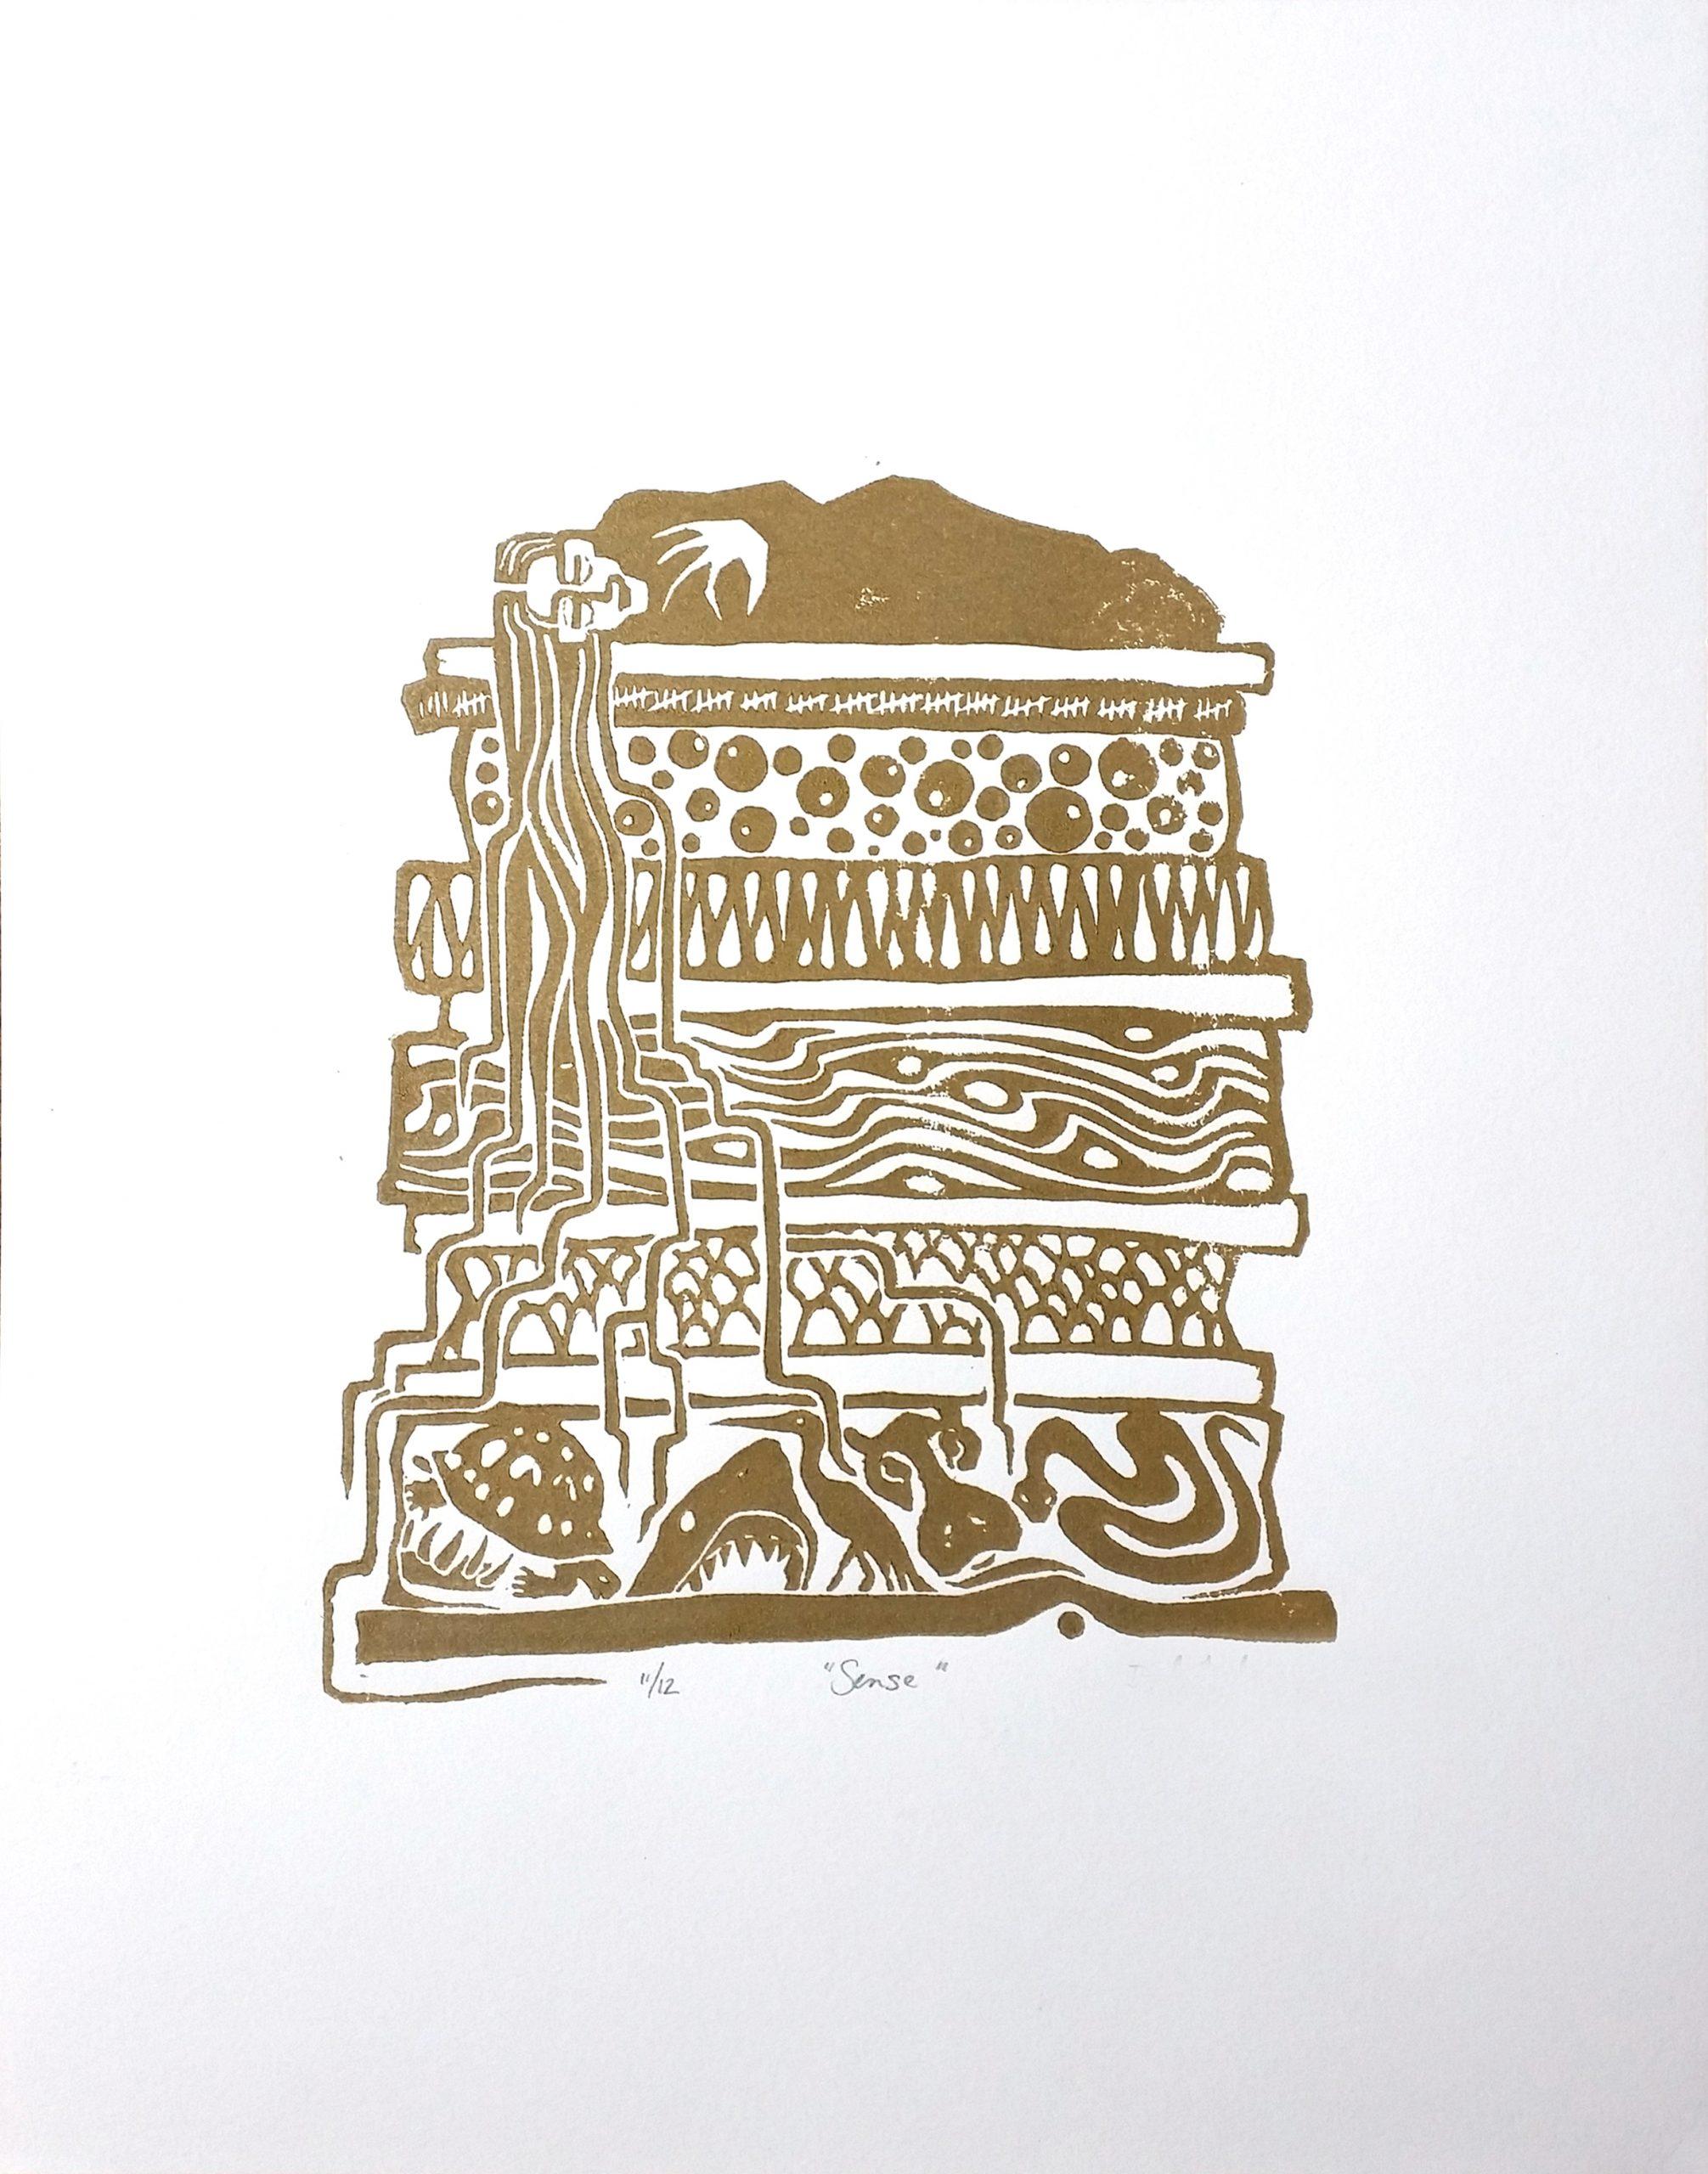 Sense, linoleum block print by Deb Anderson